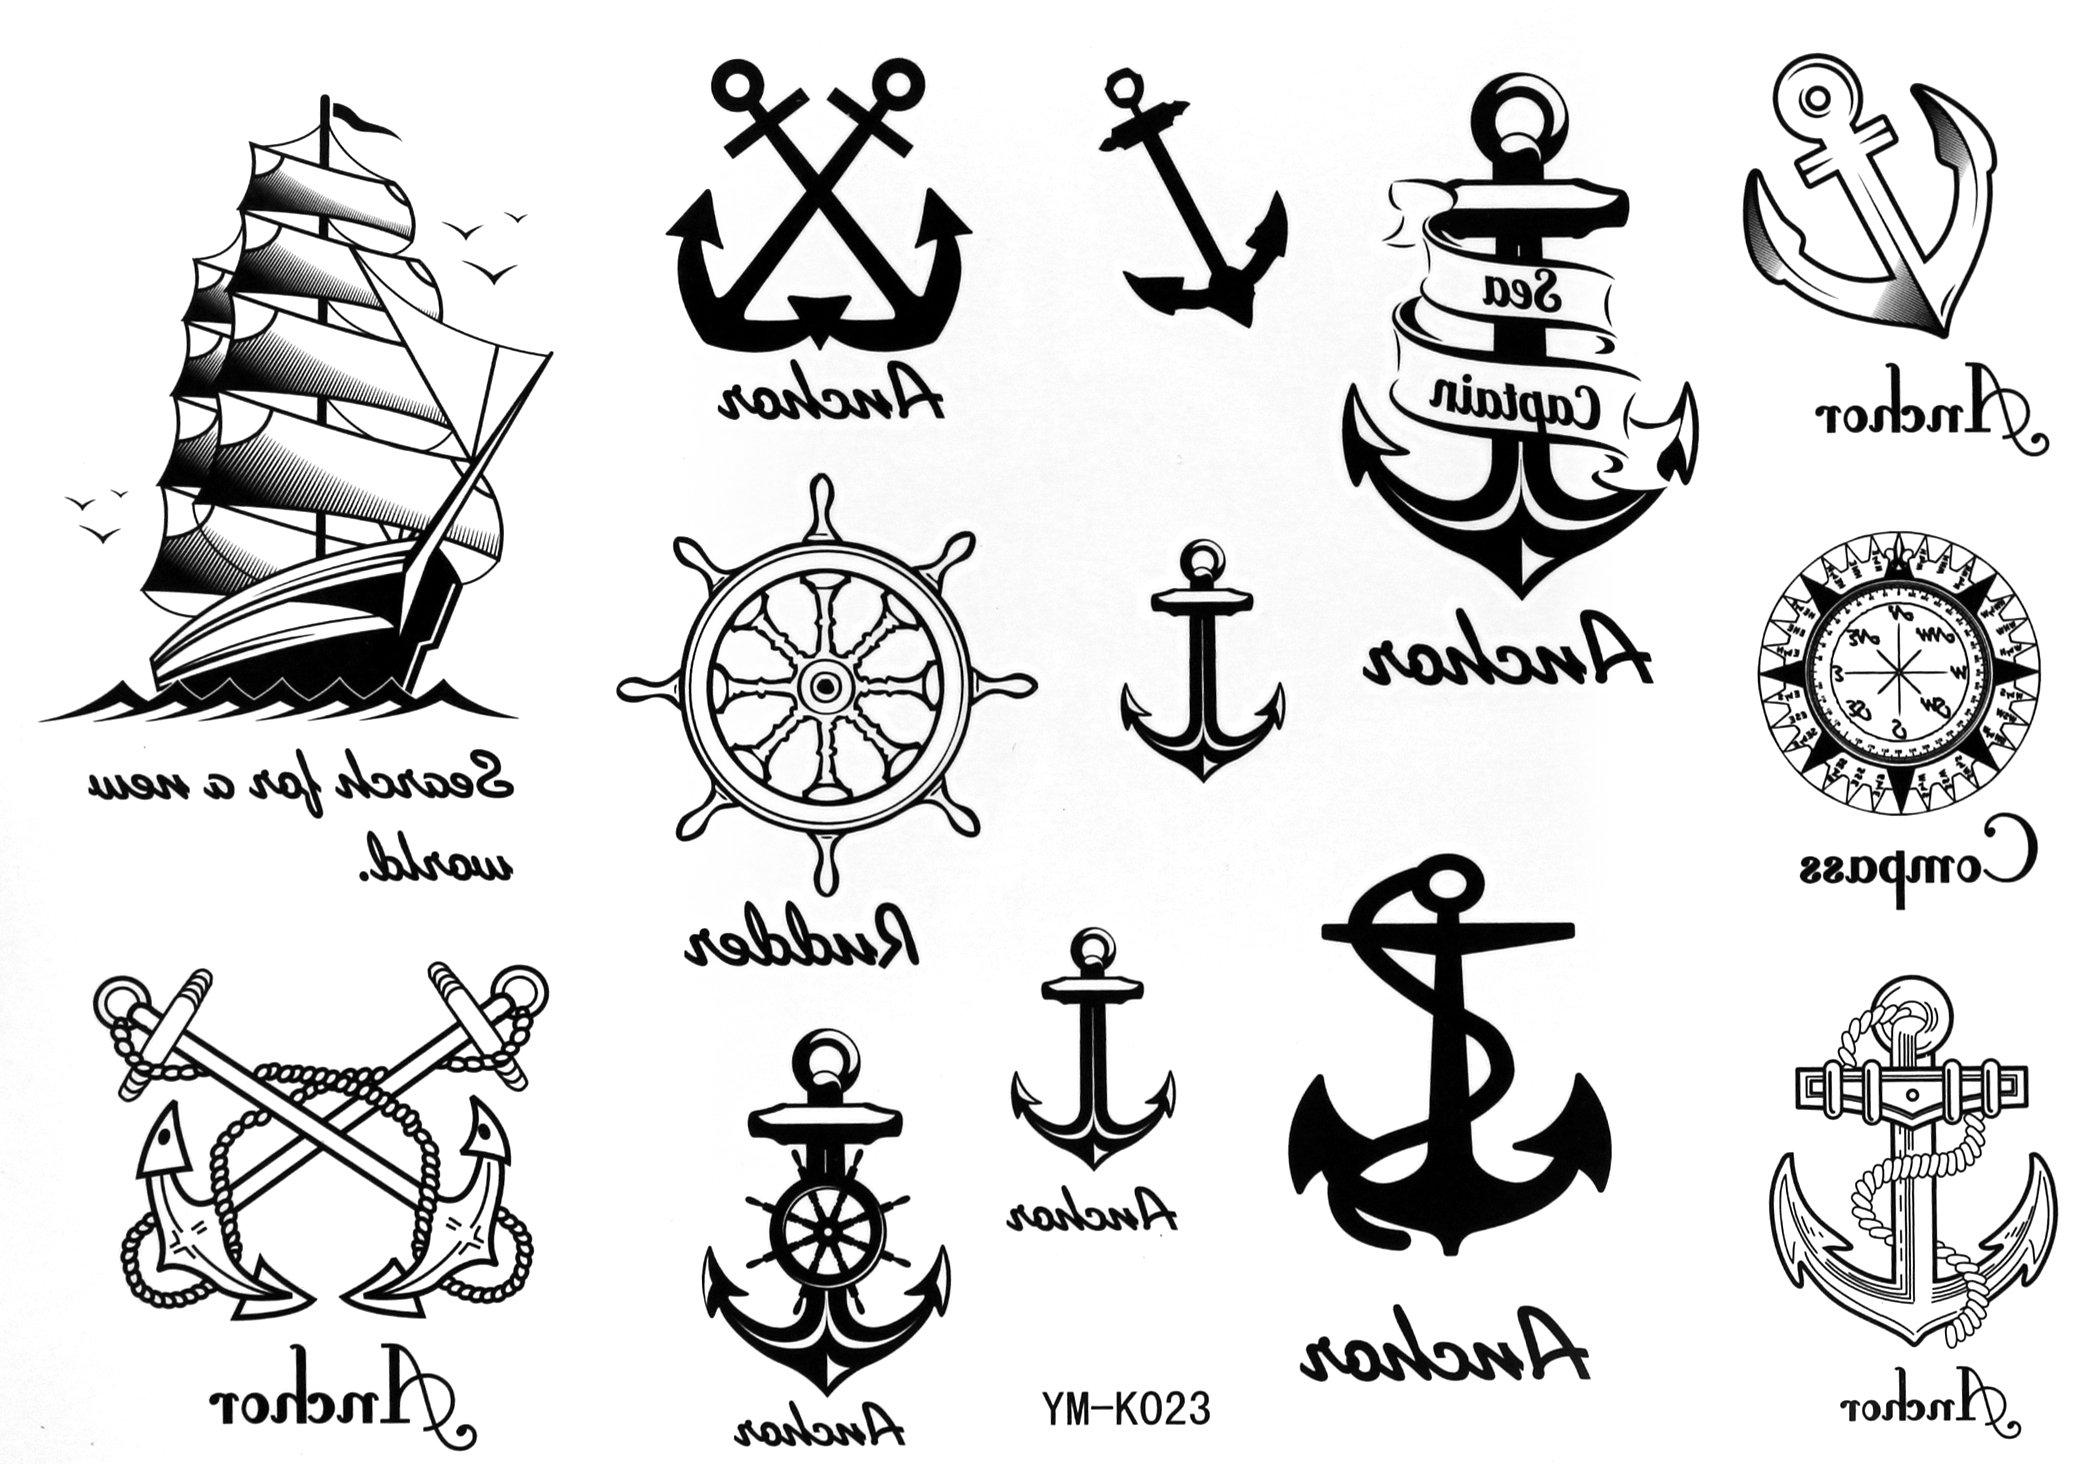 Amazon Sailor Temporary Tattoos Waterproof Tattoo Sticker